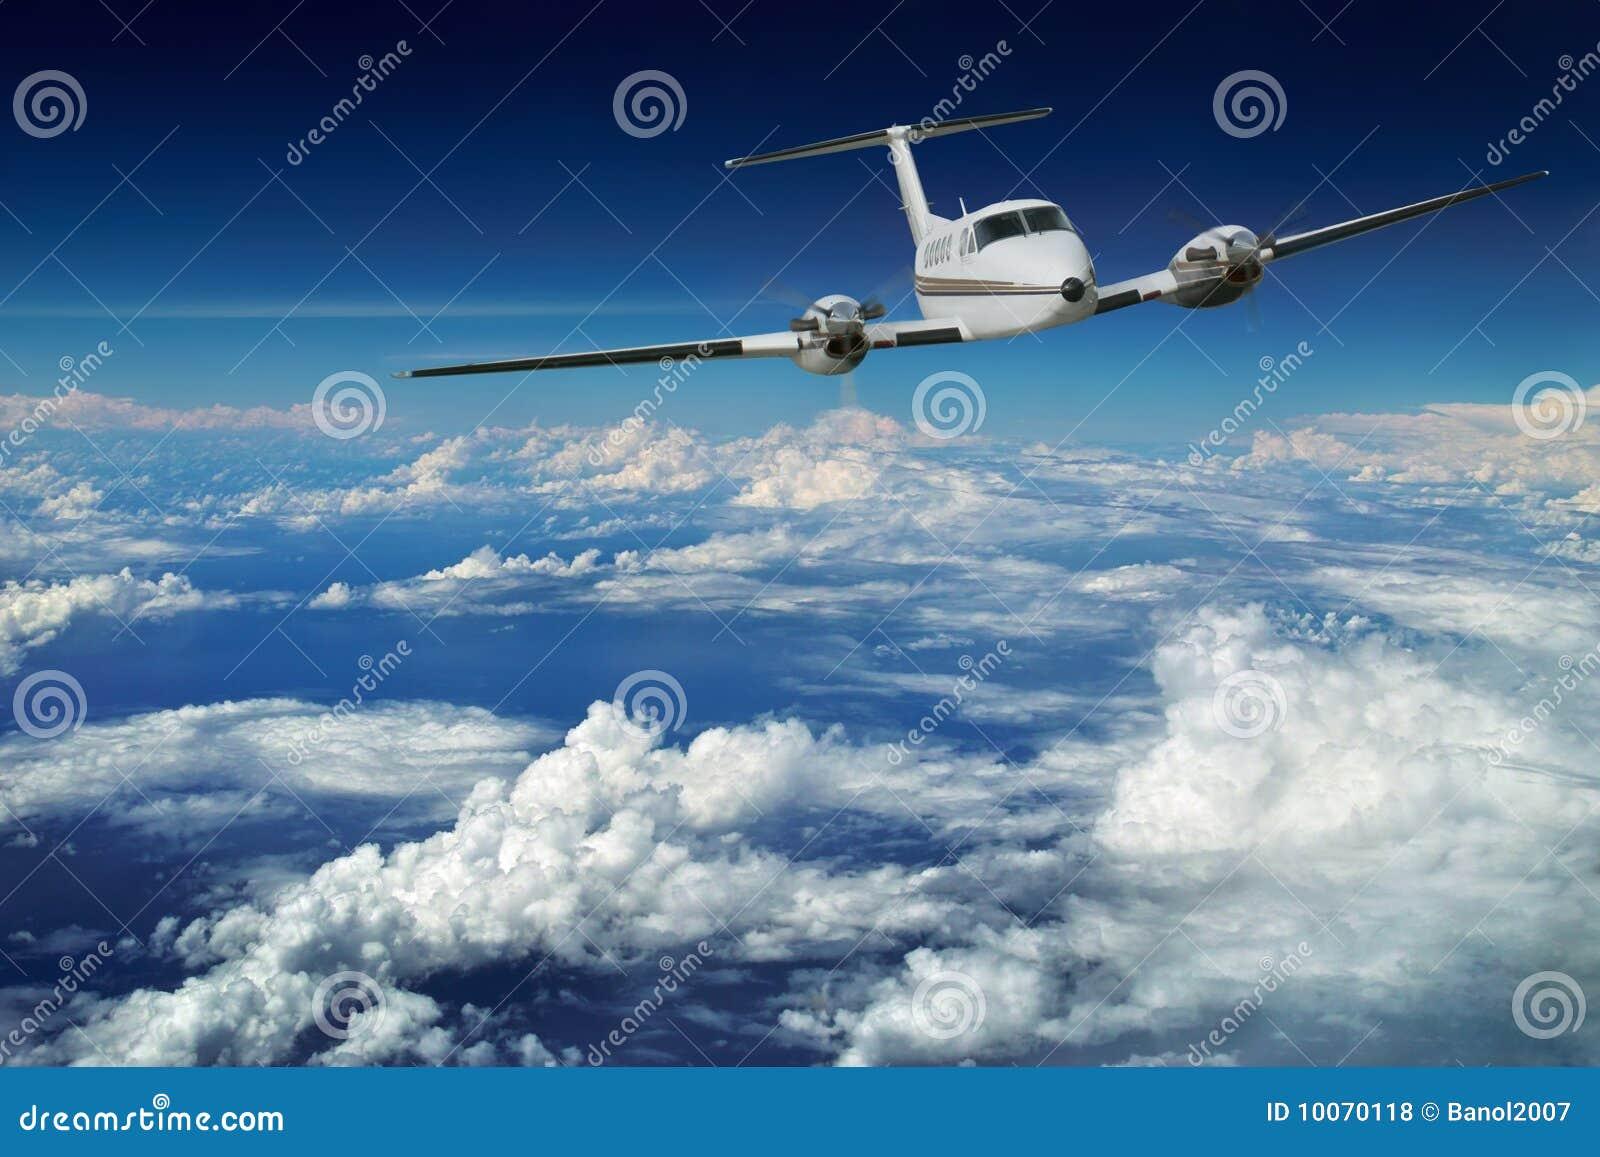 avion de luxe vol de ciel bleu photos libres de droits. Black Bedroom Furniture Sets. Home Design Ideas